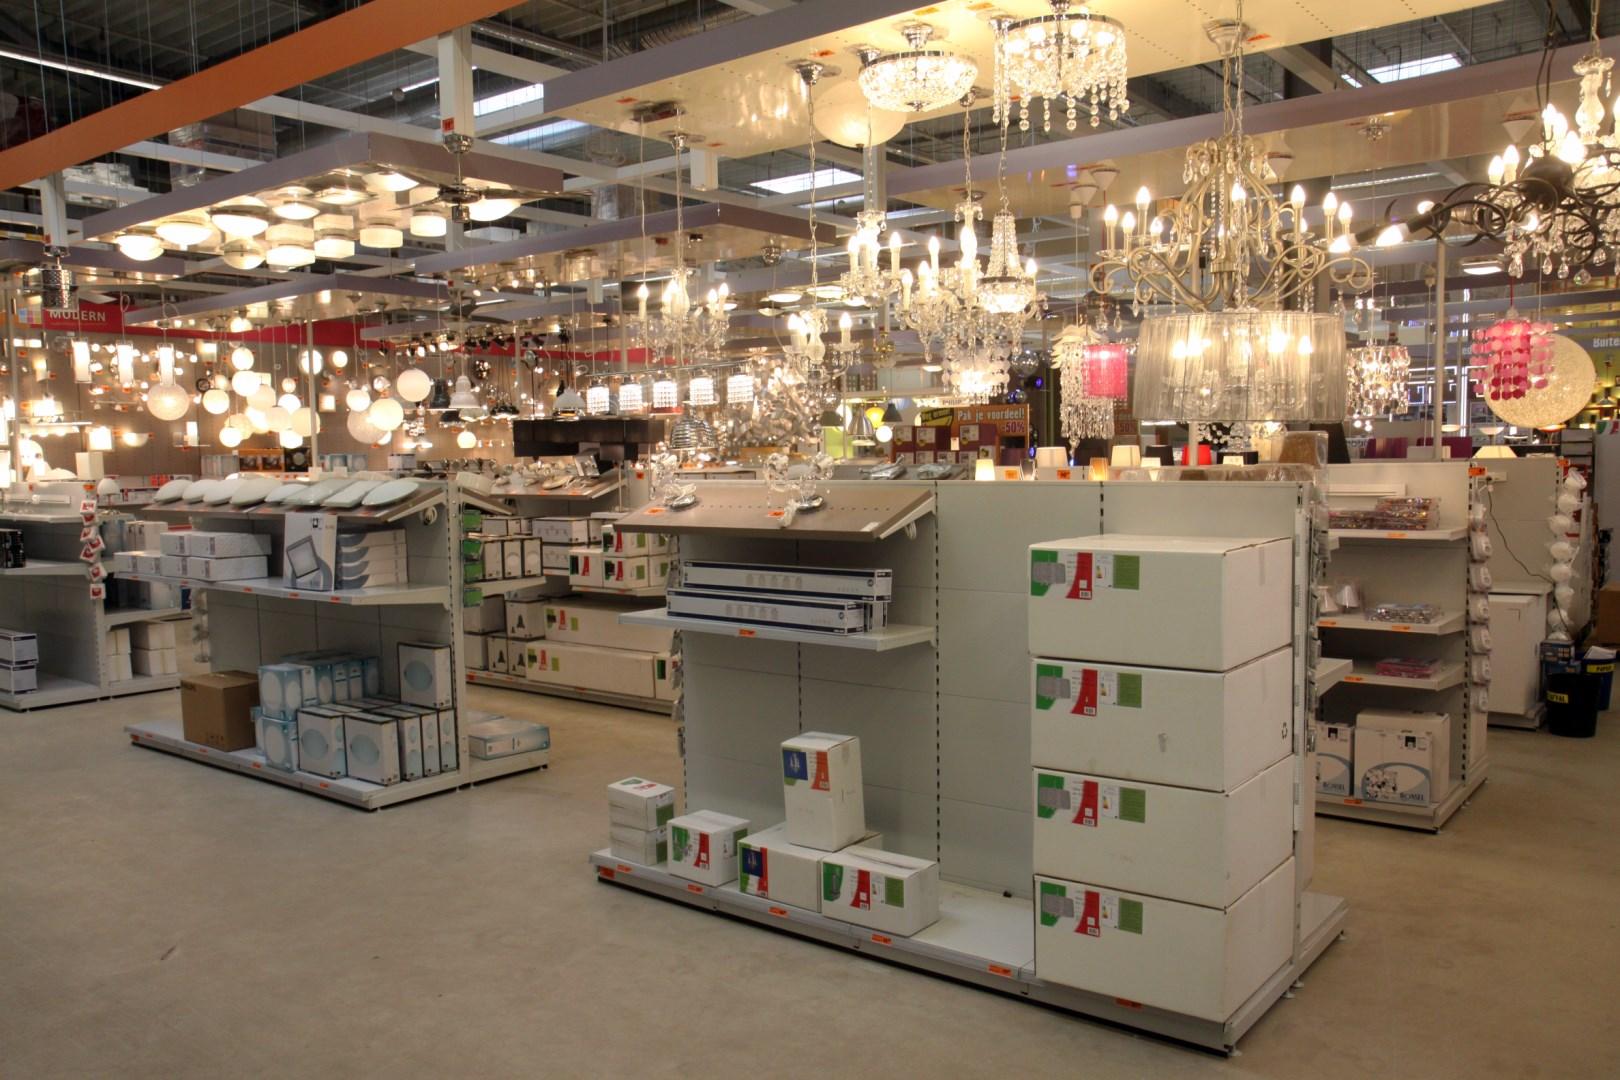 Hornbach Keuken Folder : Achterwand keuken hornbach keuken kleur veranderen pictures